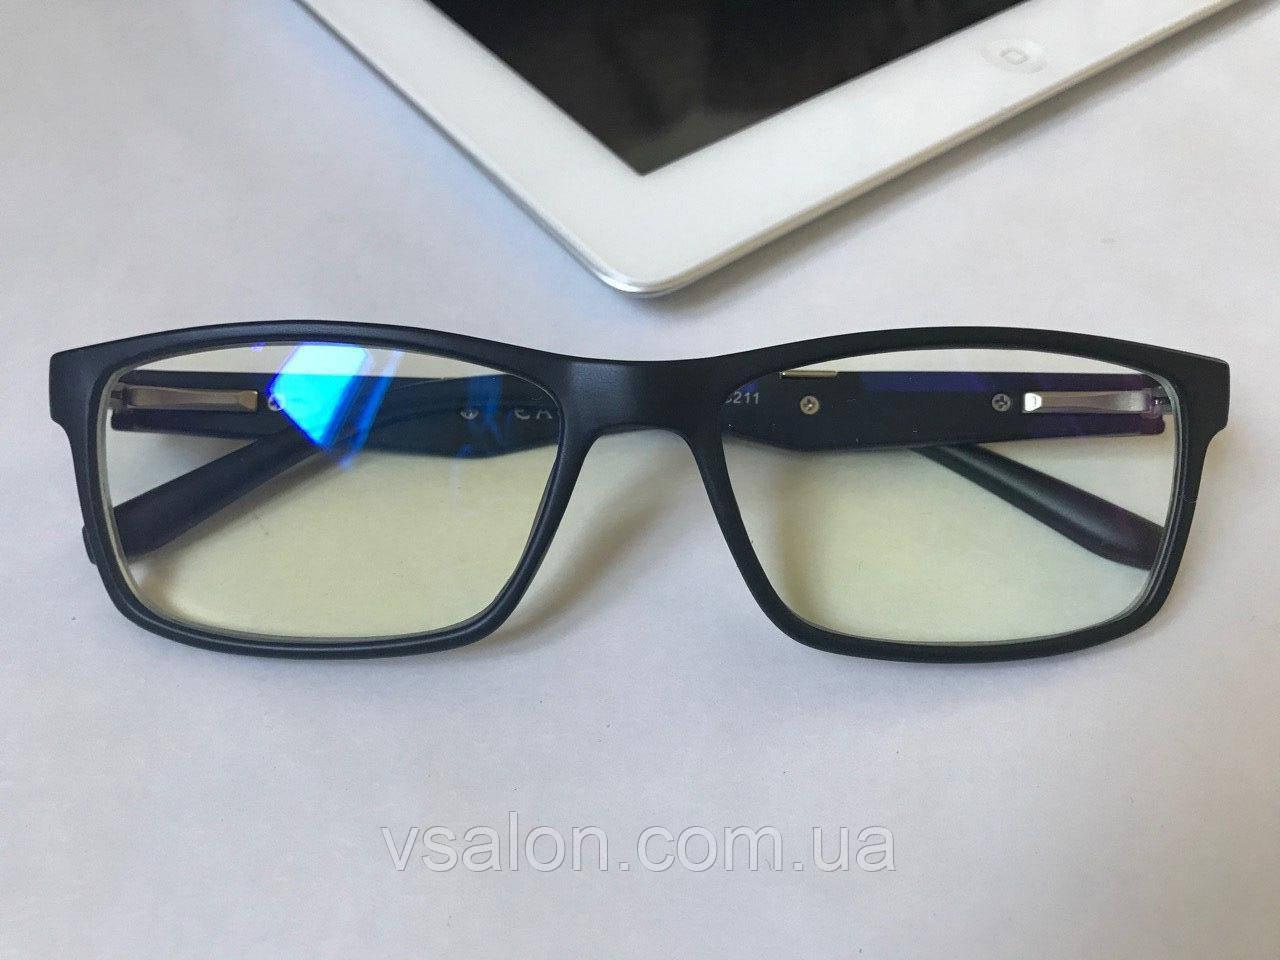 Комп'ютерні окуляри ЕАЕ 2086 з чорною дужкою